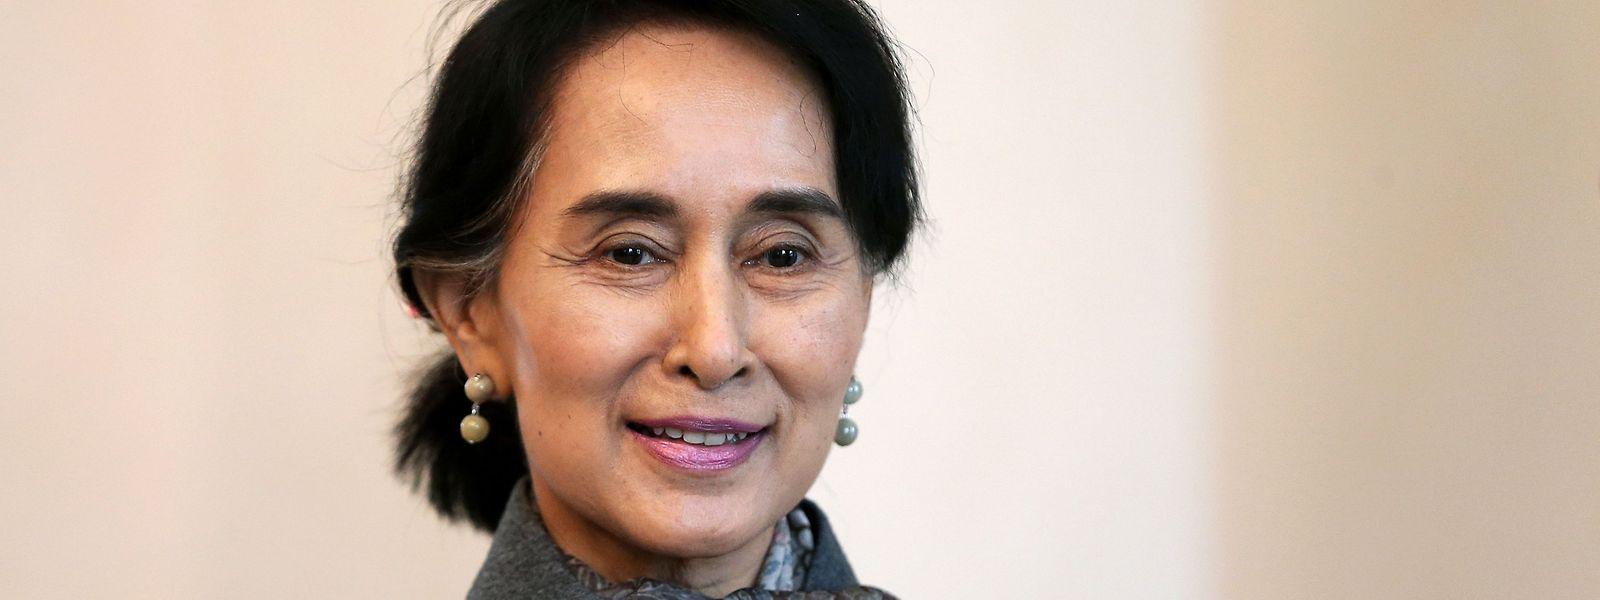 Aung San Suu Kyi am Berliner Schloss Bellevue im April 2014.